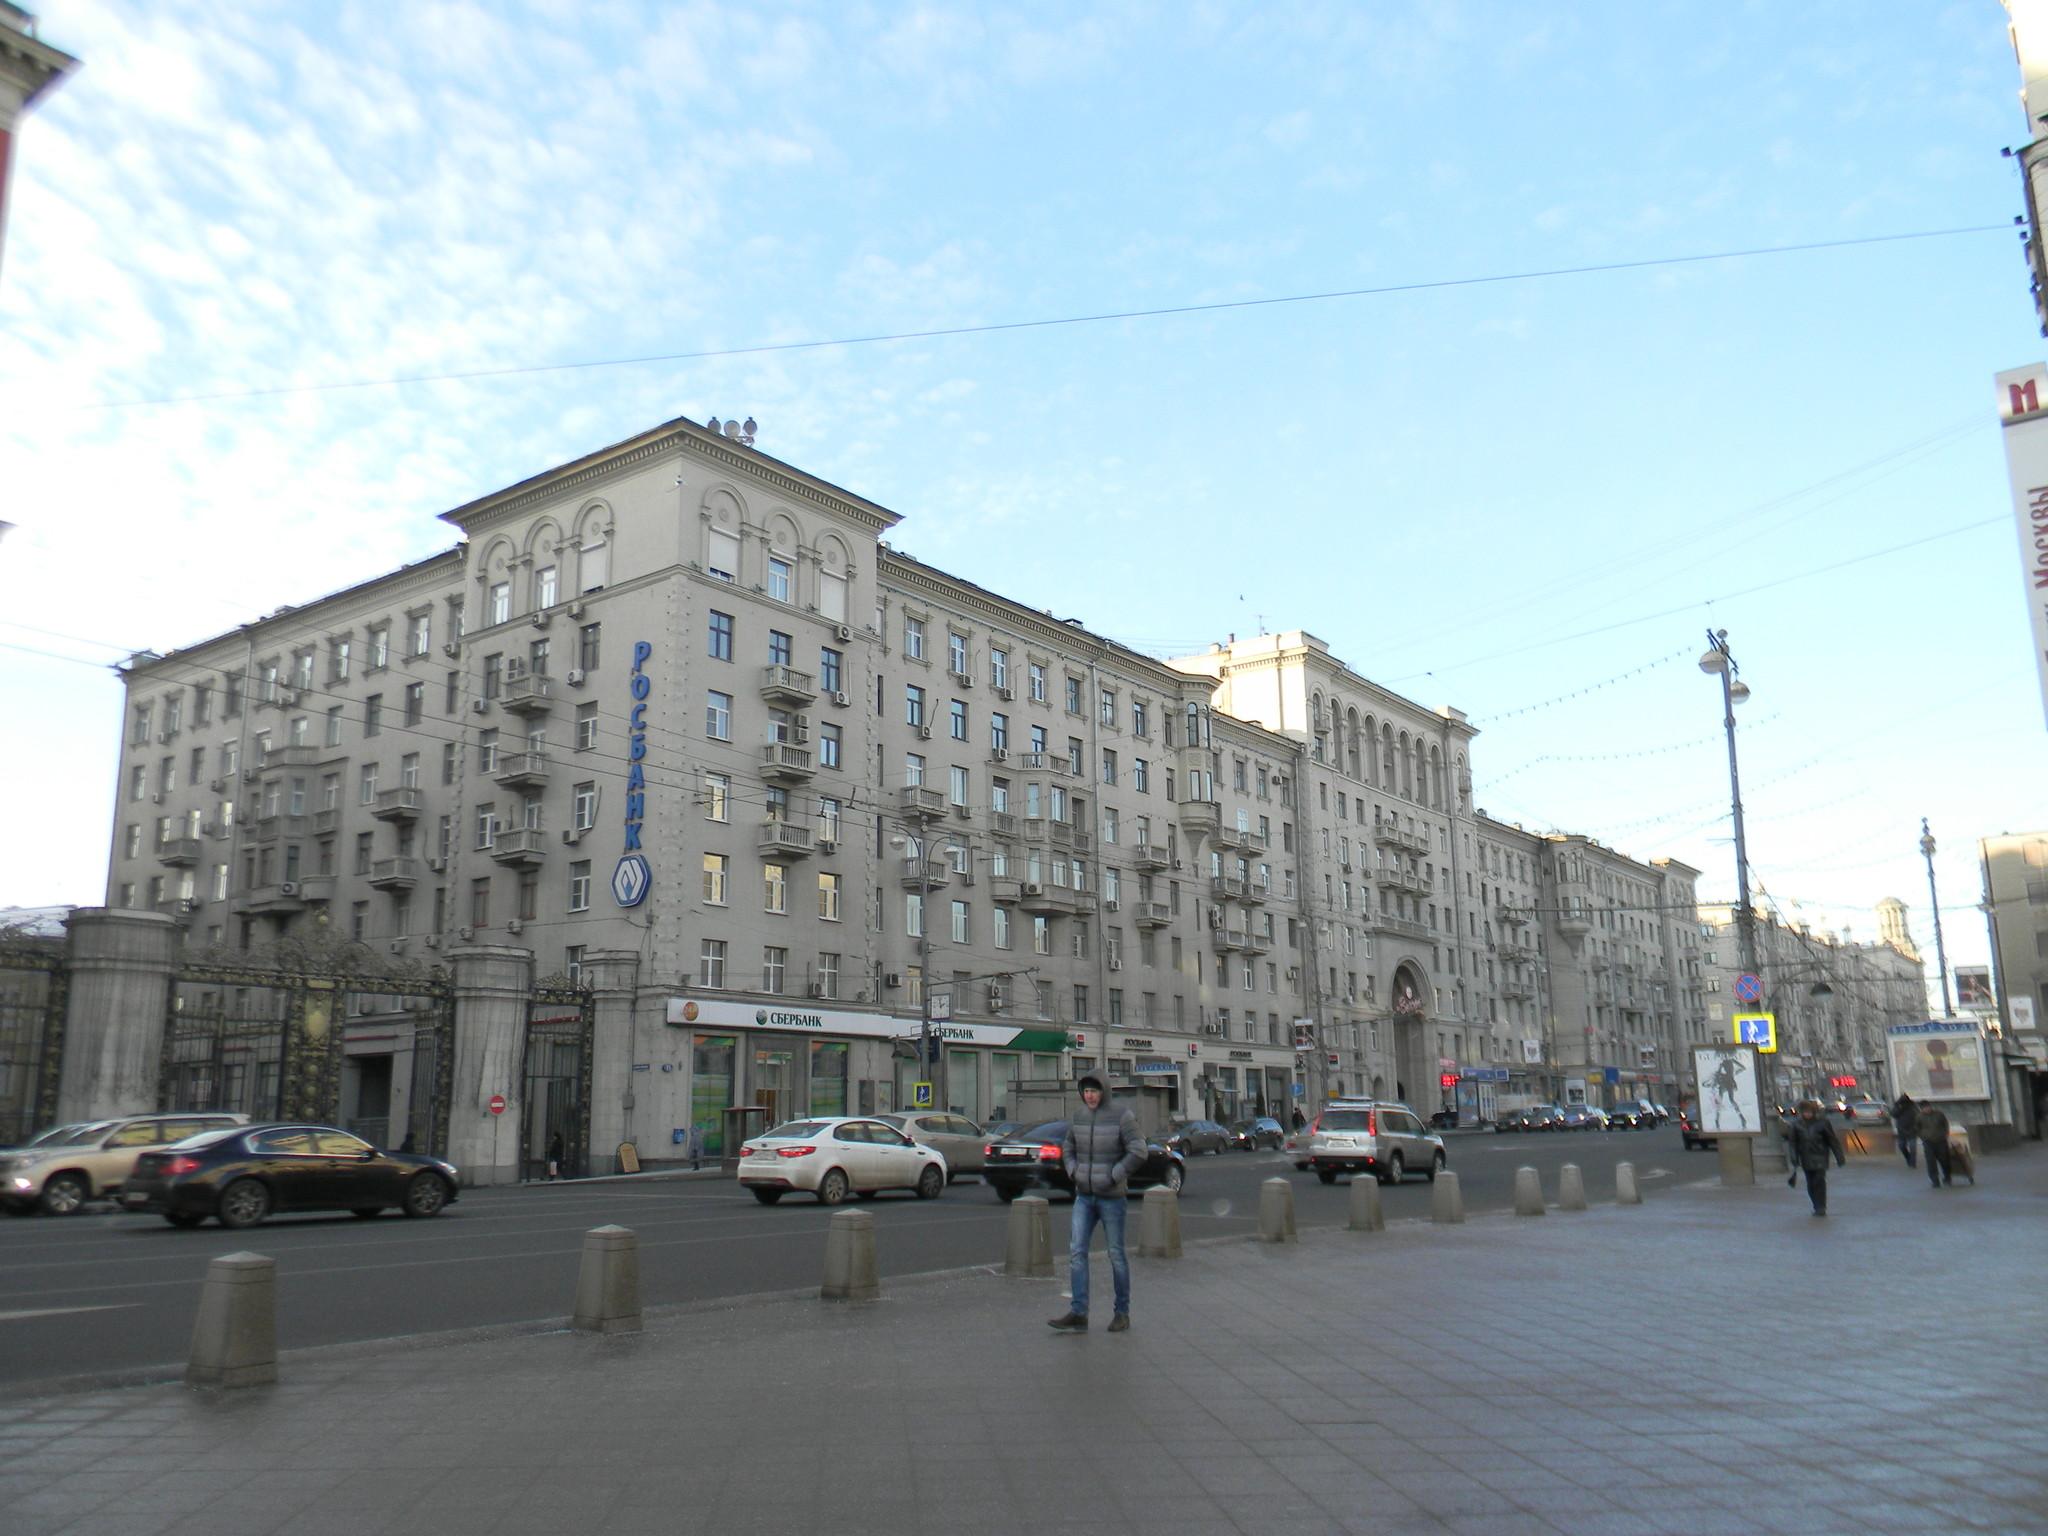 Тверская улица, дом 15. В этом доме с 1940 года по 1977 год жил Народный артист СССР Юрий Александрович Завадский